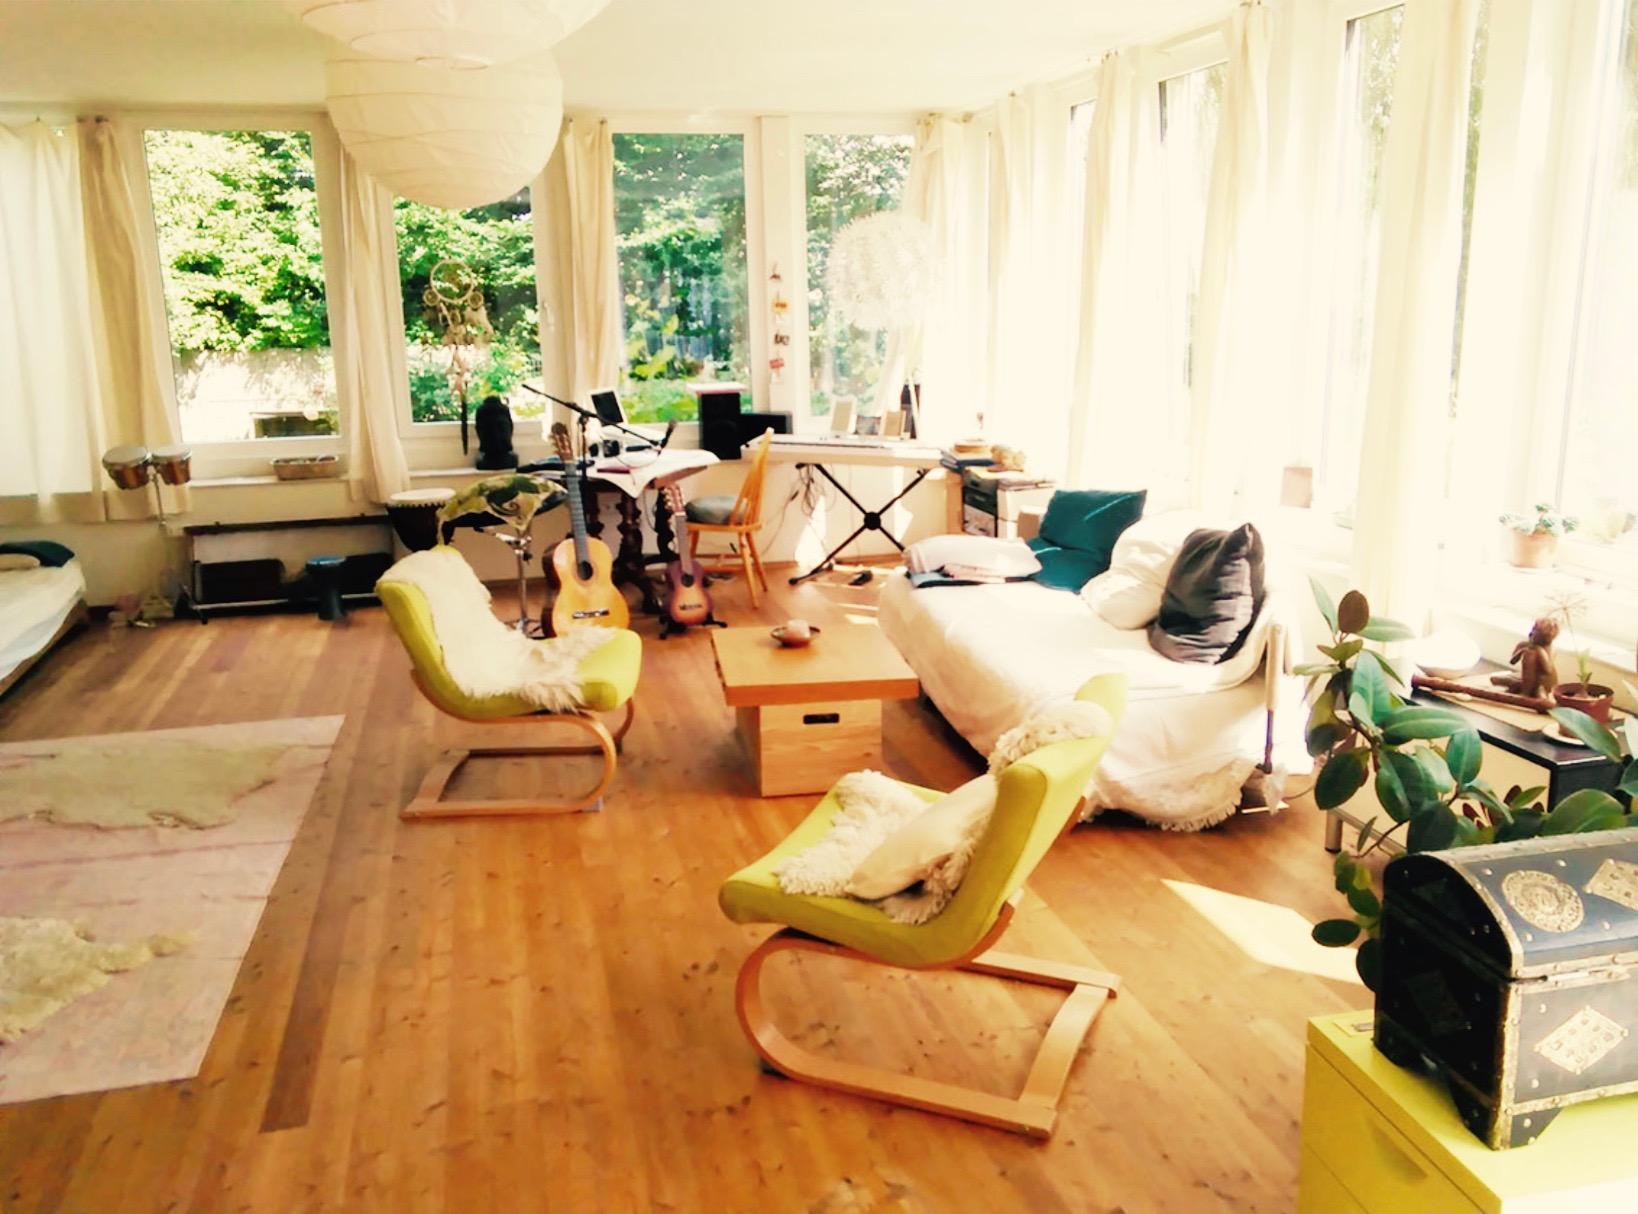 Songwriting Retreat, Musikurlaub in Österreich, Graz, Steiermark, 5